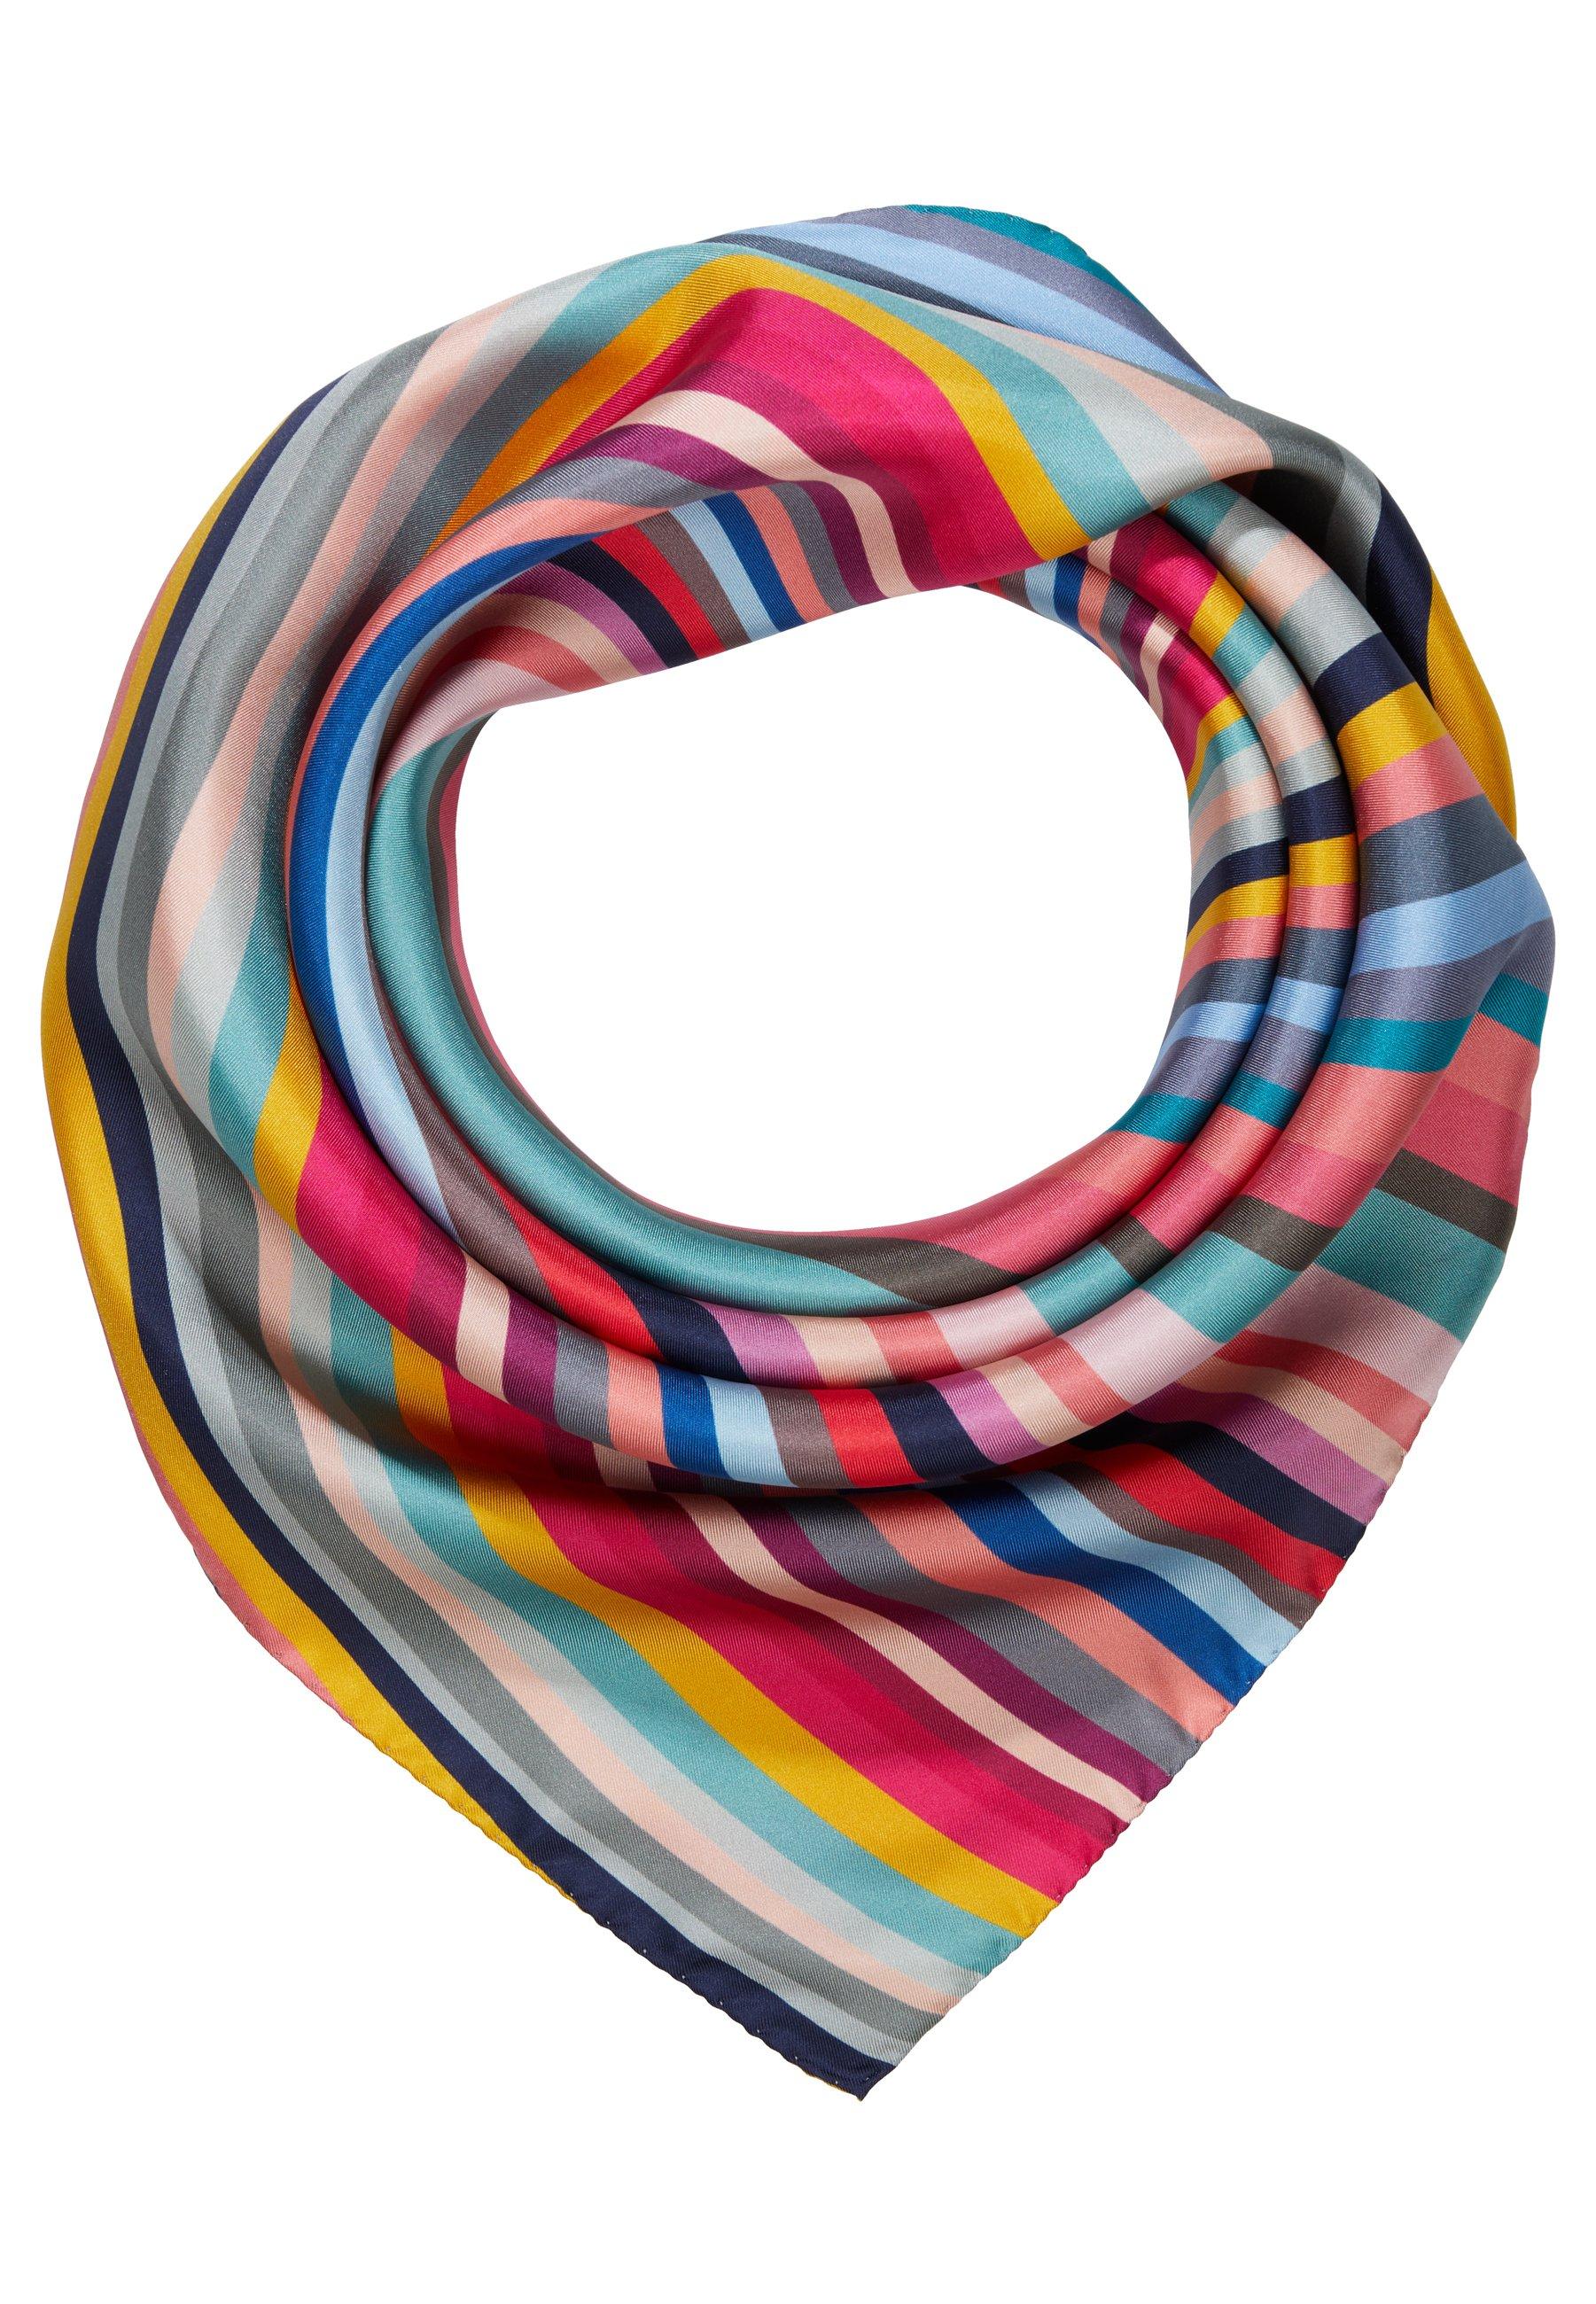 Paul Smith Scarf Swirl - Tuch Multicolor/mehrfarbig